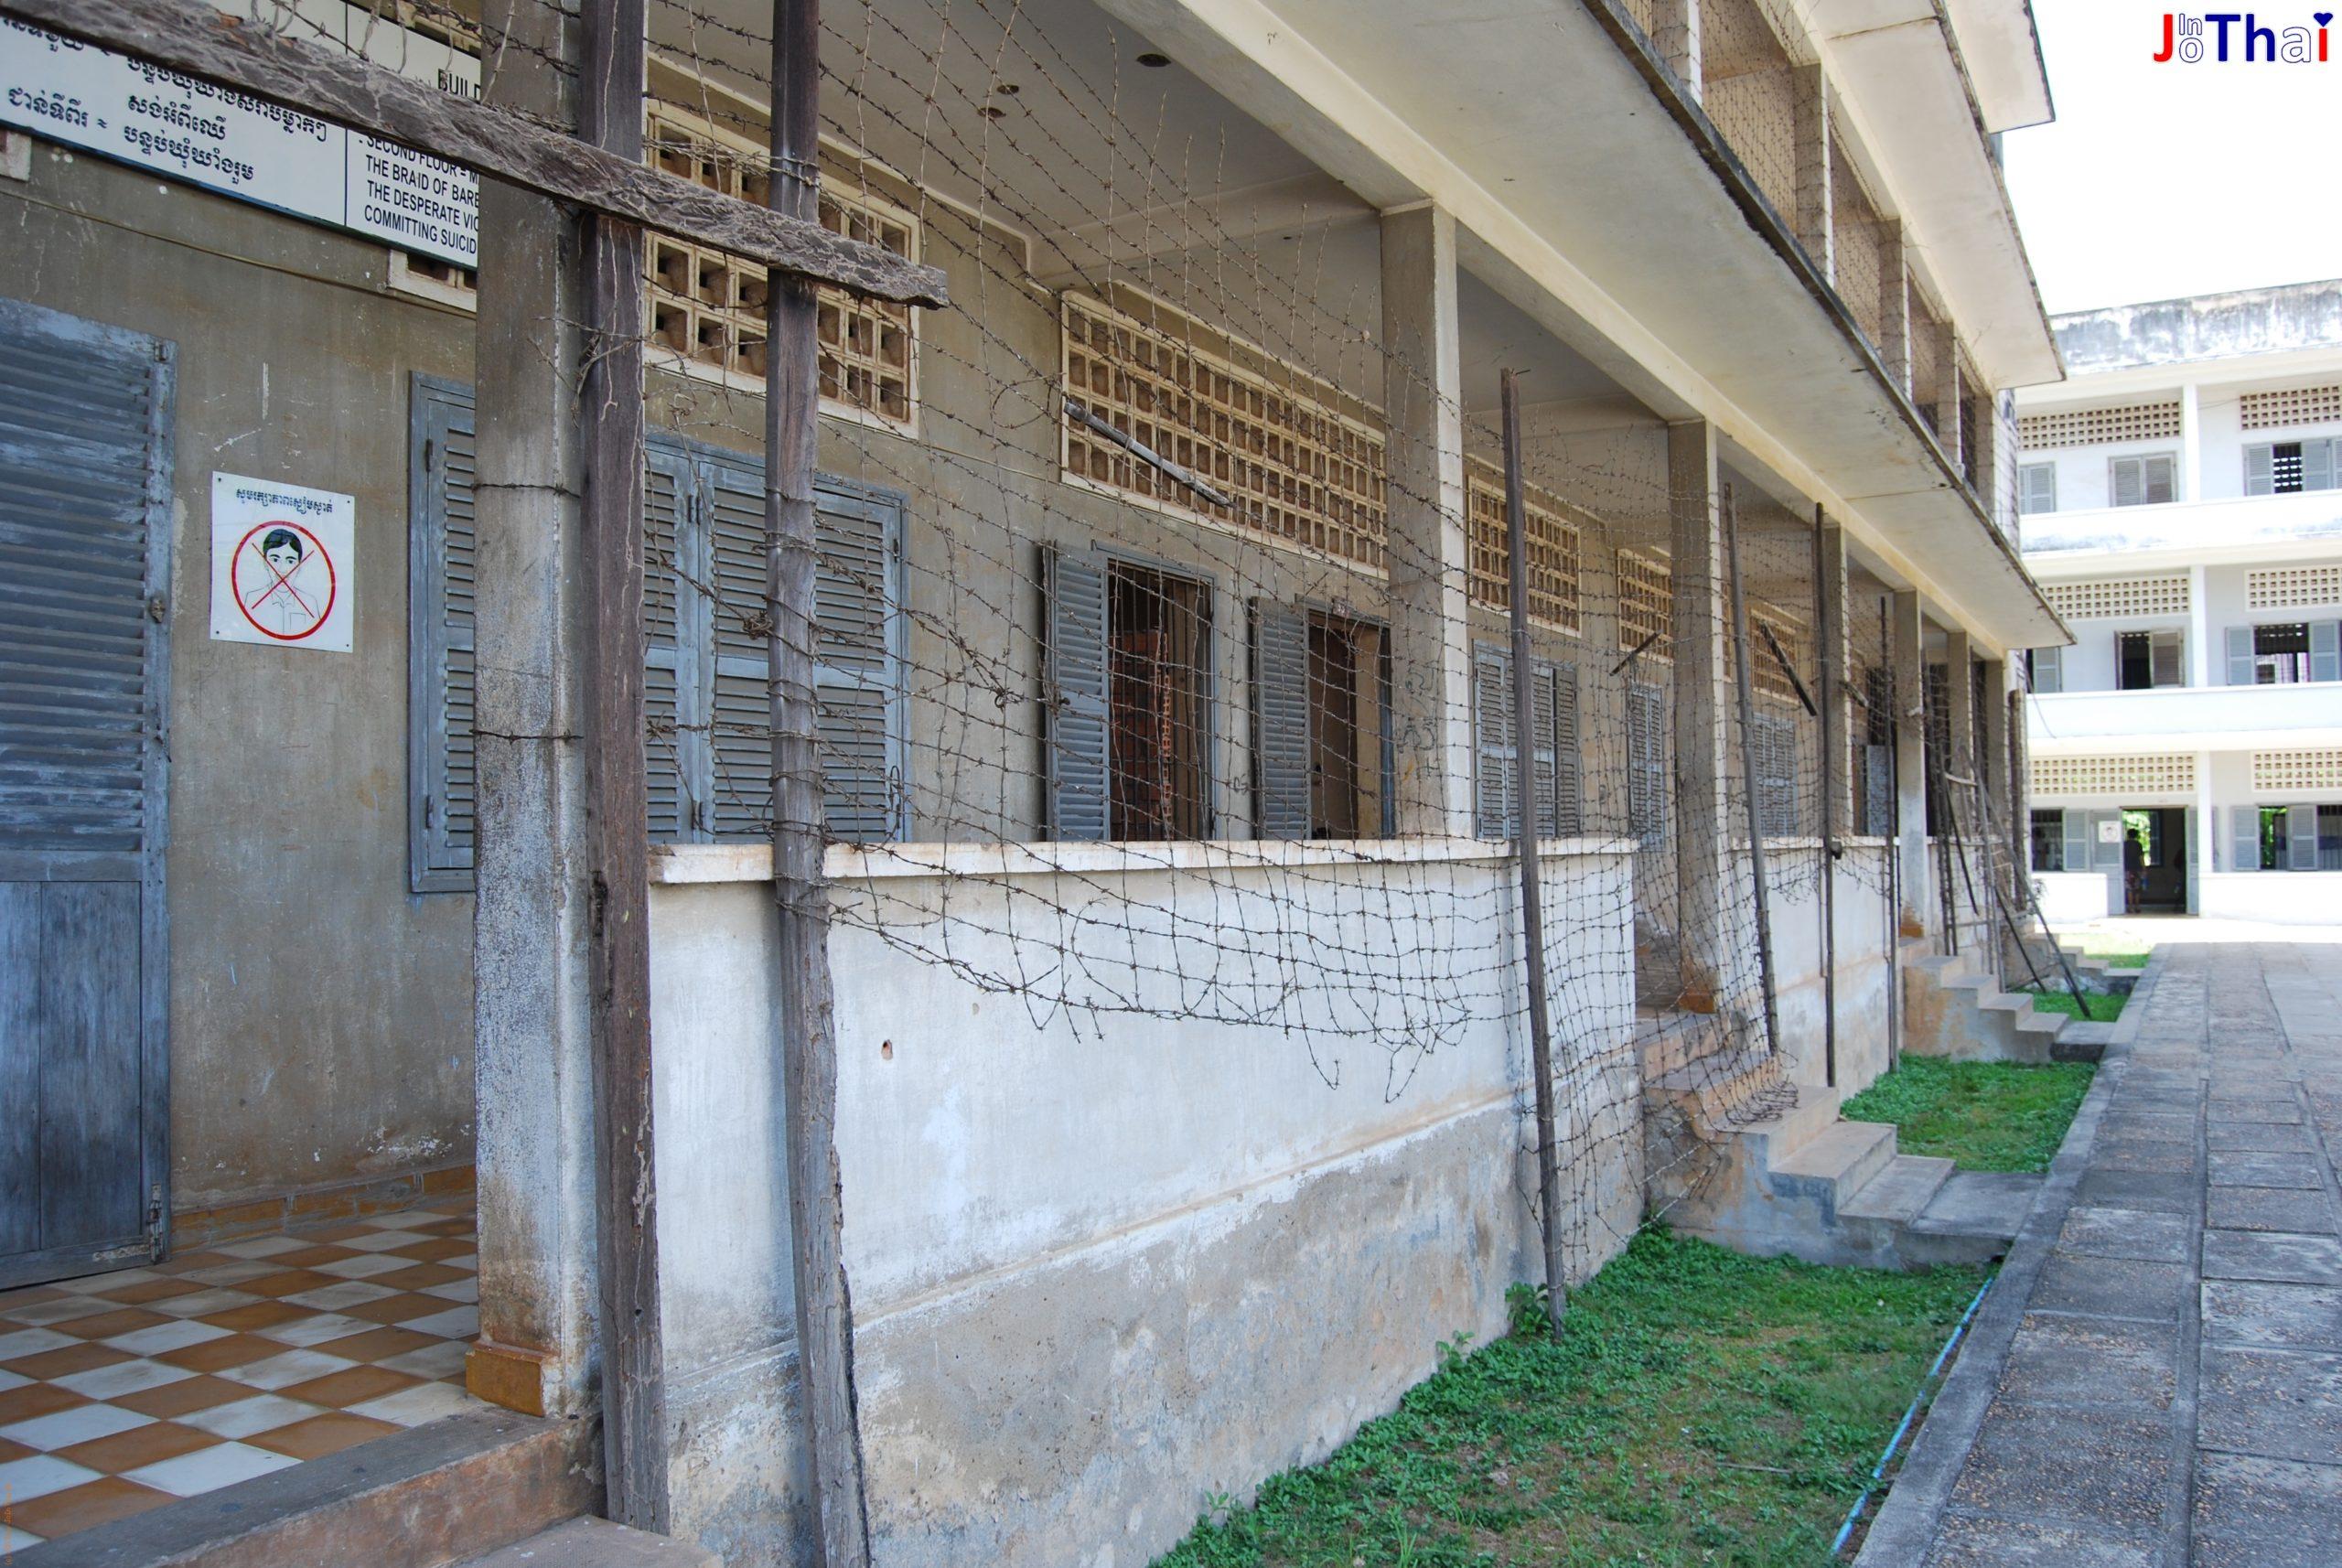 Tuol-Sleng-Genozid-Museum (S-21). Das Foltergefängnis der Roten Khmer